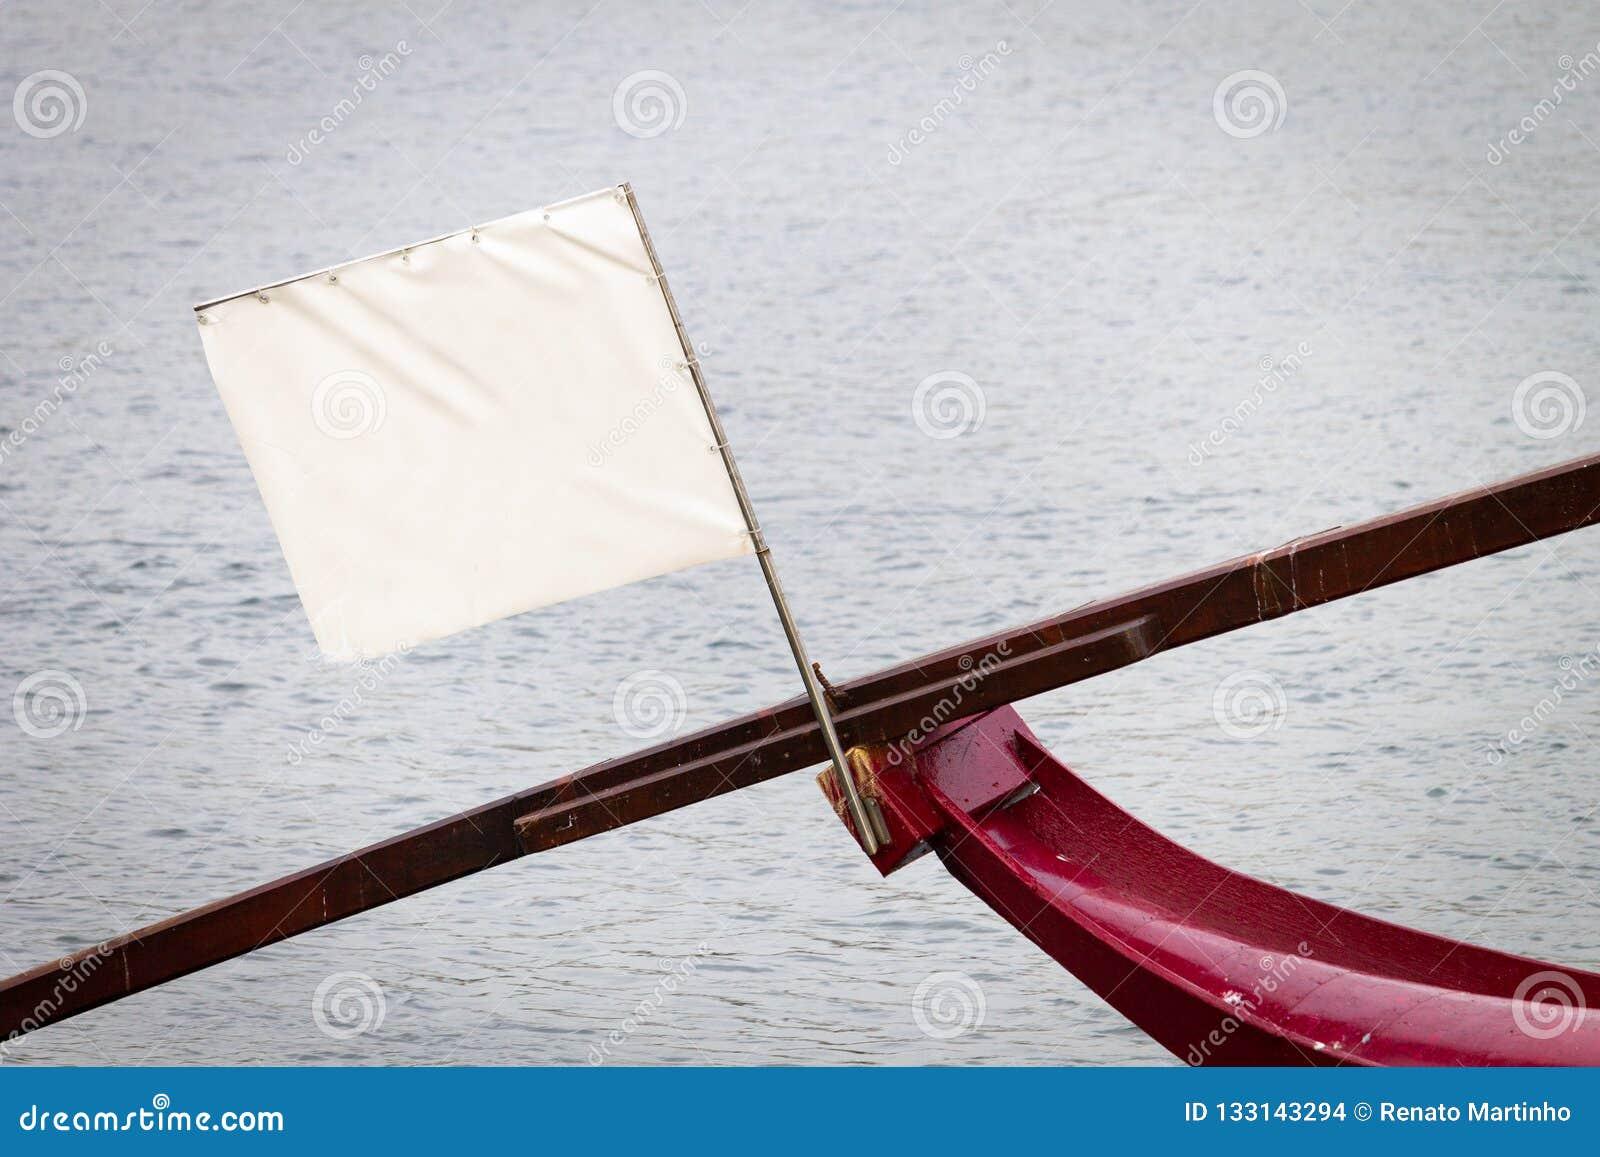 Bandiera vuota bianca sulla prua della barca